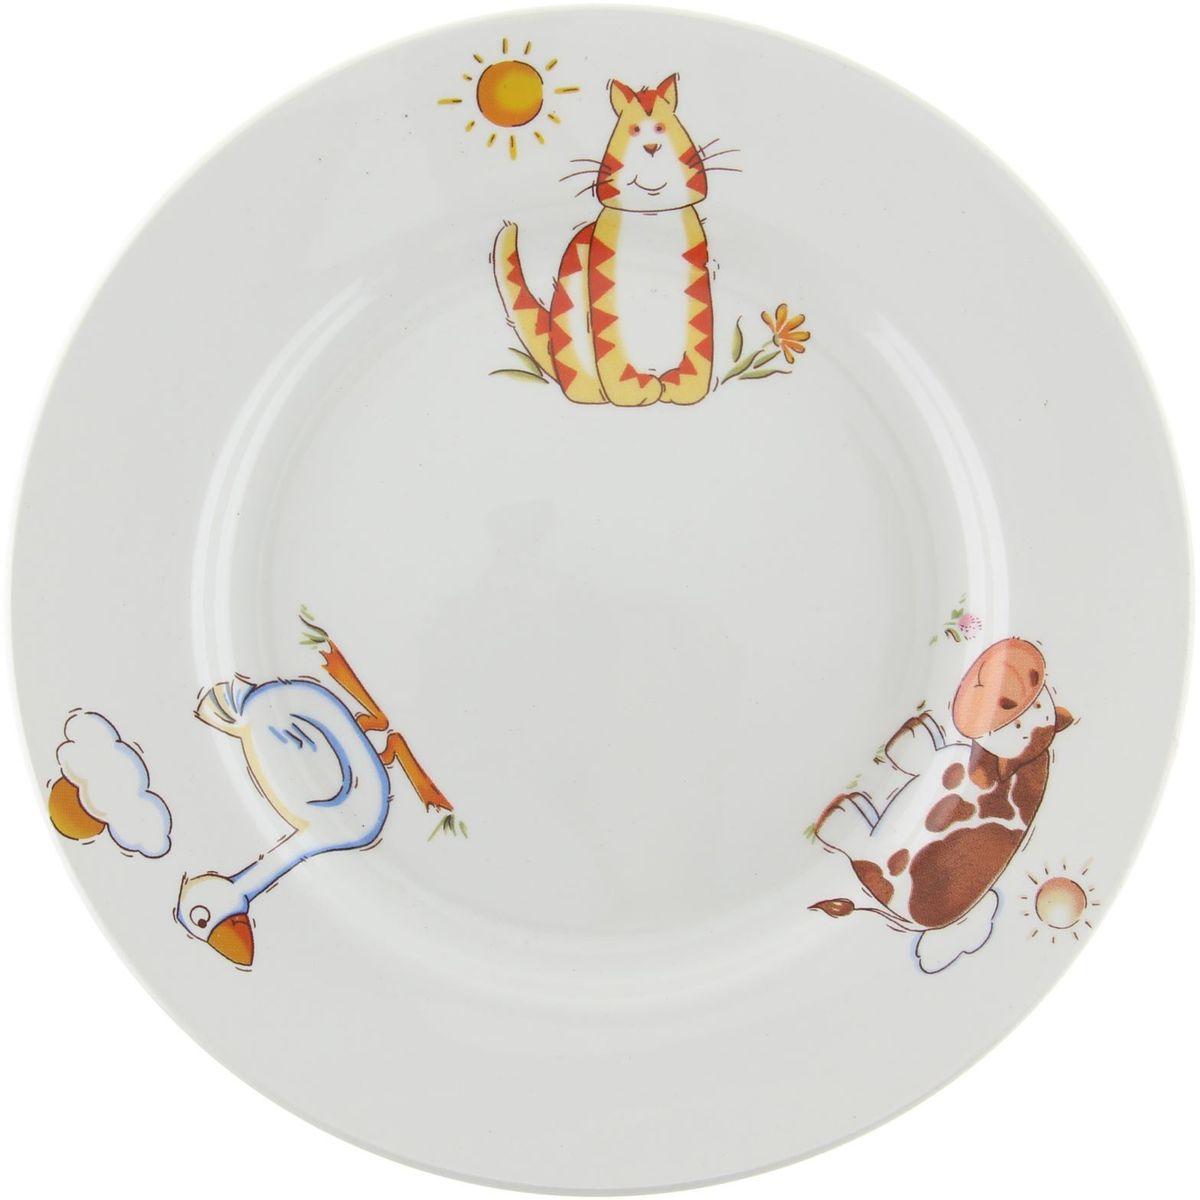 Кубаньфарфор Тарелка детская Зоопарк1301356Фаянсовая детская посуда с забавным рисунком понравится каждому малышу. Изделие из качественного материала станет правильным выбором для повседневной эксплуатации и поможет превратить каждый прием пищи в радостное приключение.Особенности:- простота мойки,- стойкость к запахам,- насыщенный цвет.Уважаемые клиенты!Обращаем ваше внимание на изменения в дизайне товара. Поставка осуществляется в зависимости от наличия на складе.